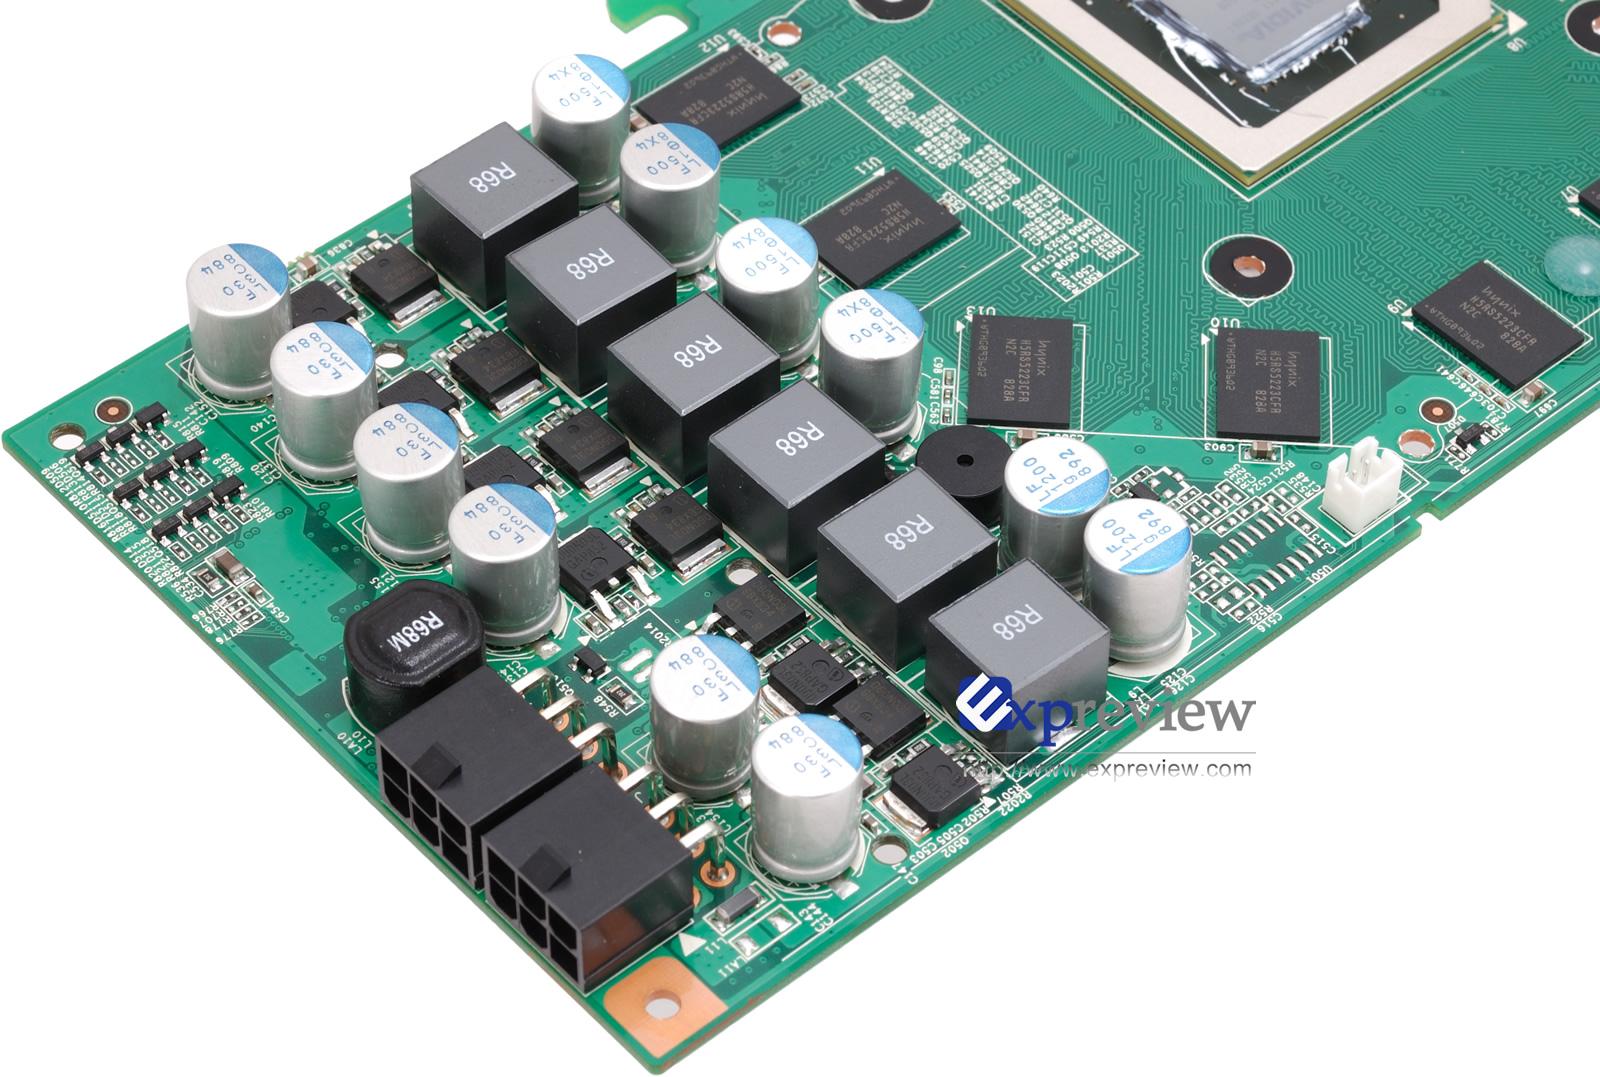 和多数同类产品一样,这款显卡需要接入双6pin PEG电源,但附件只有1条双大4D转6pin电源线,所以用户的电源至少需要提供一个PEG电源接口。   这款显卡最重要的卖点就是采用了Freezer DHT散热器,我们拿到的零售版只配备了2根热管,散热片材质为铝合金,做工稍显粗糙。另外,映众为发热量较大的MOS管配备了散热片,显存则省略。值得强调的是,这和初时宣传的3热管、显存布满散热片的解决方案不同。   从外观来看,整个显卡只是占用了2个PCI插槽的位置,其实不然,散热器的厚度导致第三根PCI设备无